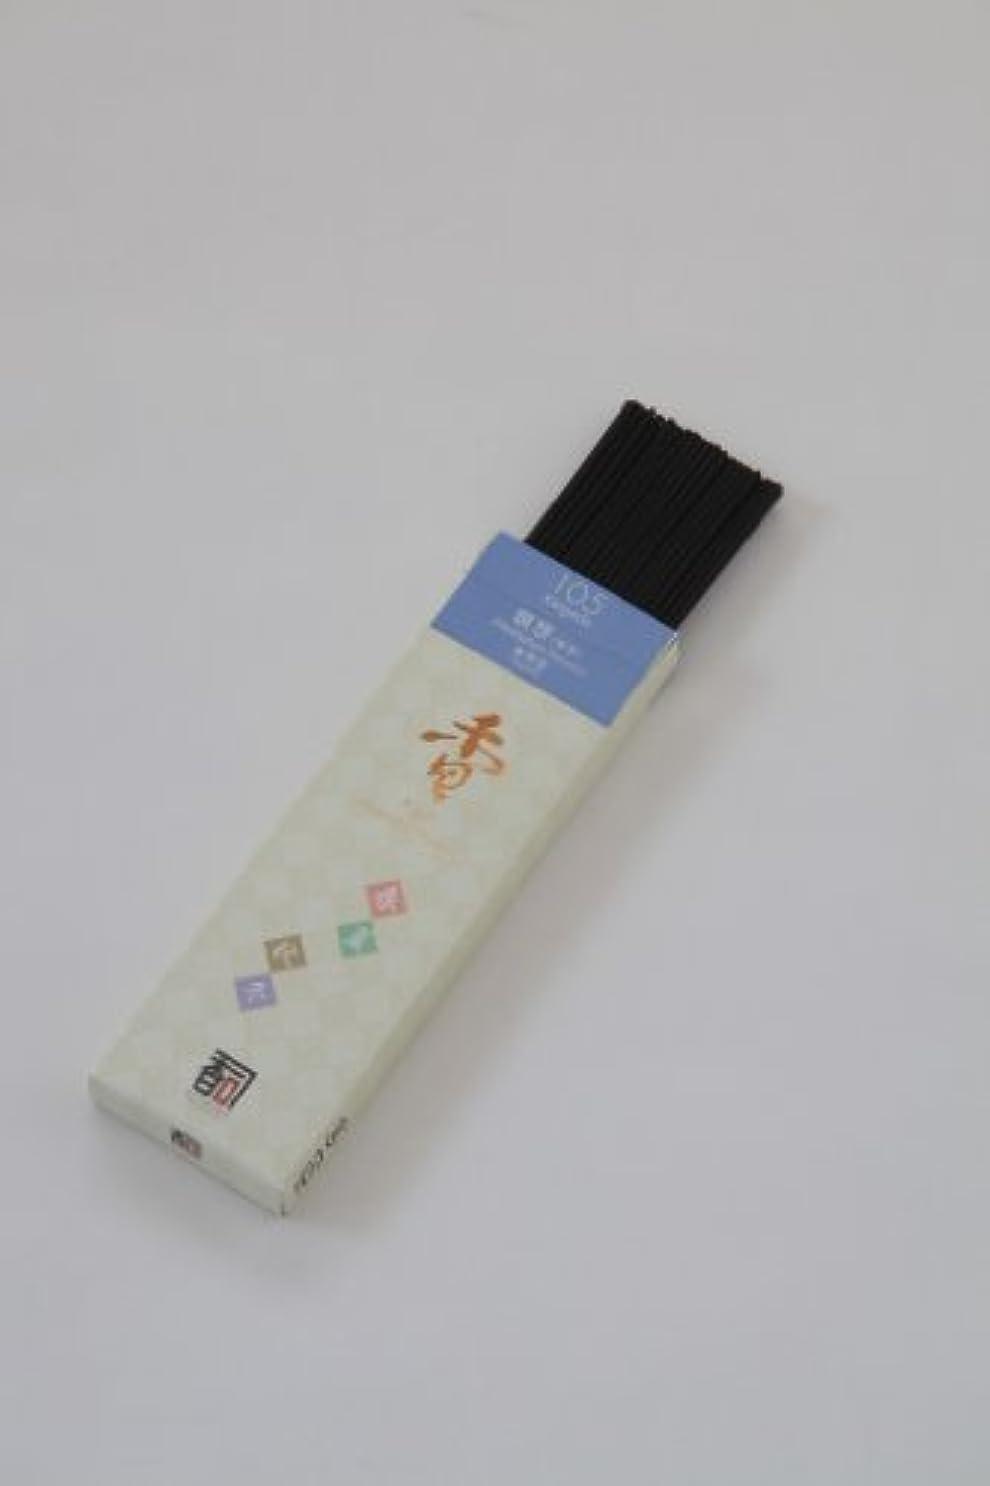 立場甘いサーキュレーション「あわじ島の香司」 日本の香りシリーズ (春夏秋冬) 【105】  ◆瞑想 (安息)◆